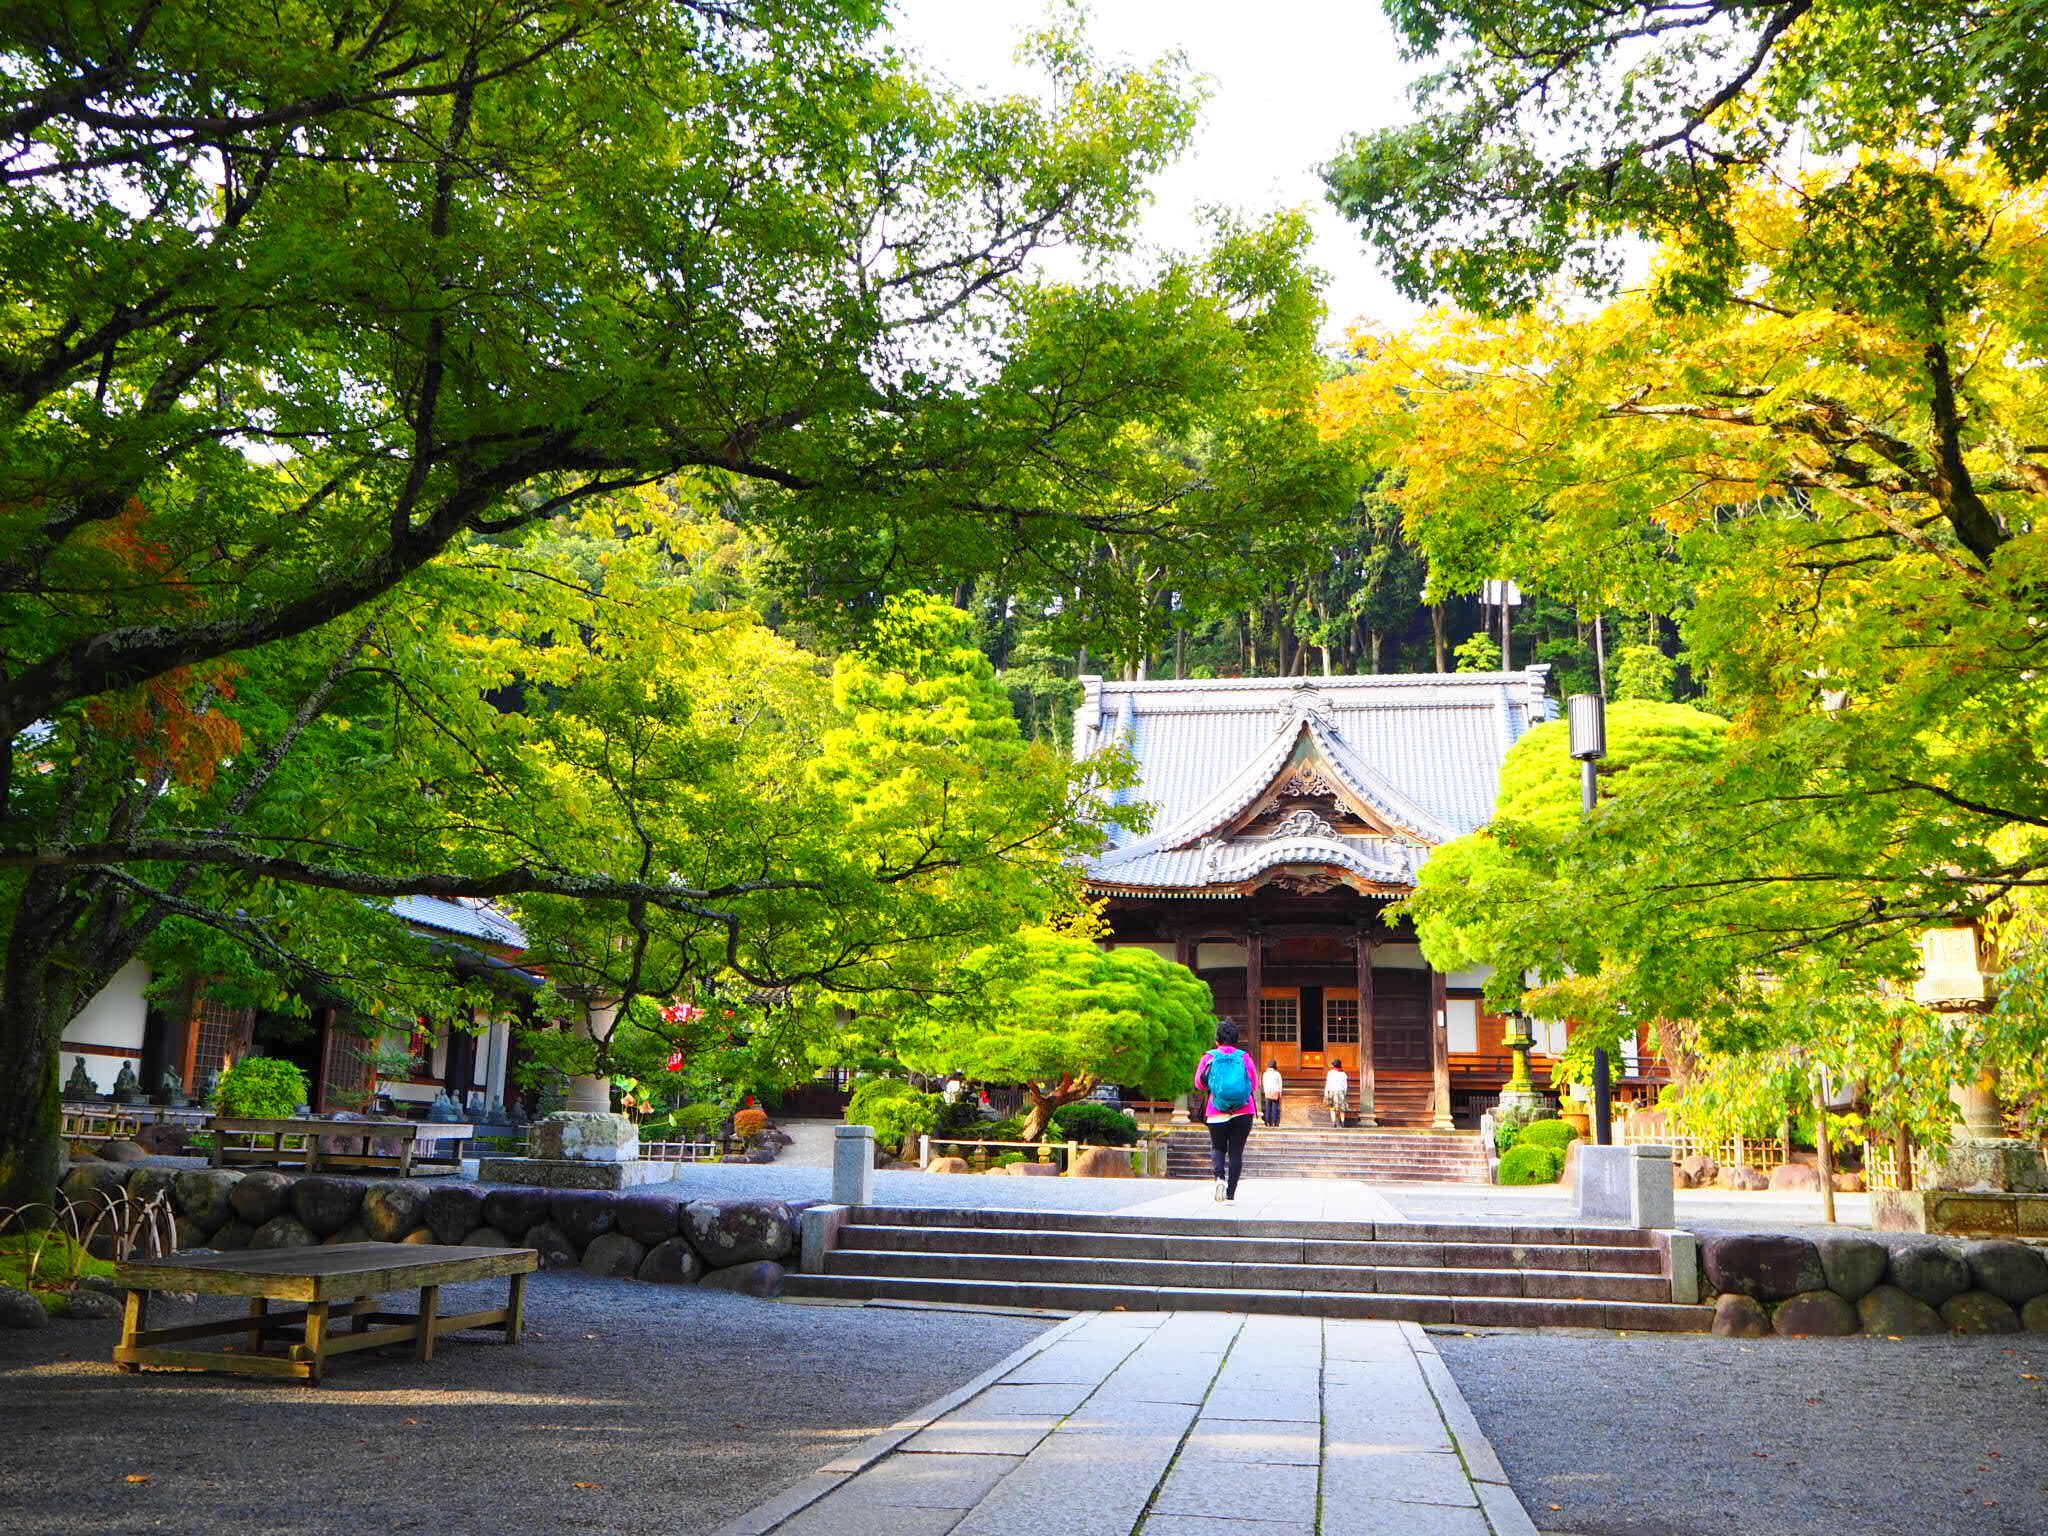 修禅寺の本殿(静岡県修善寺駅)